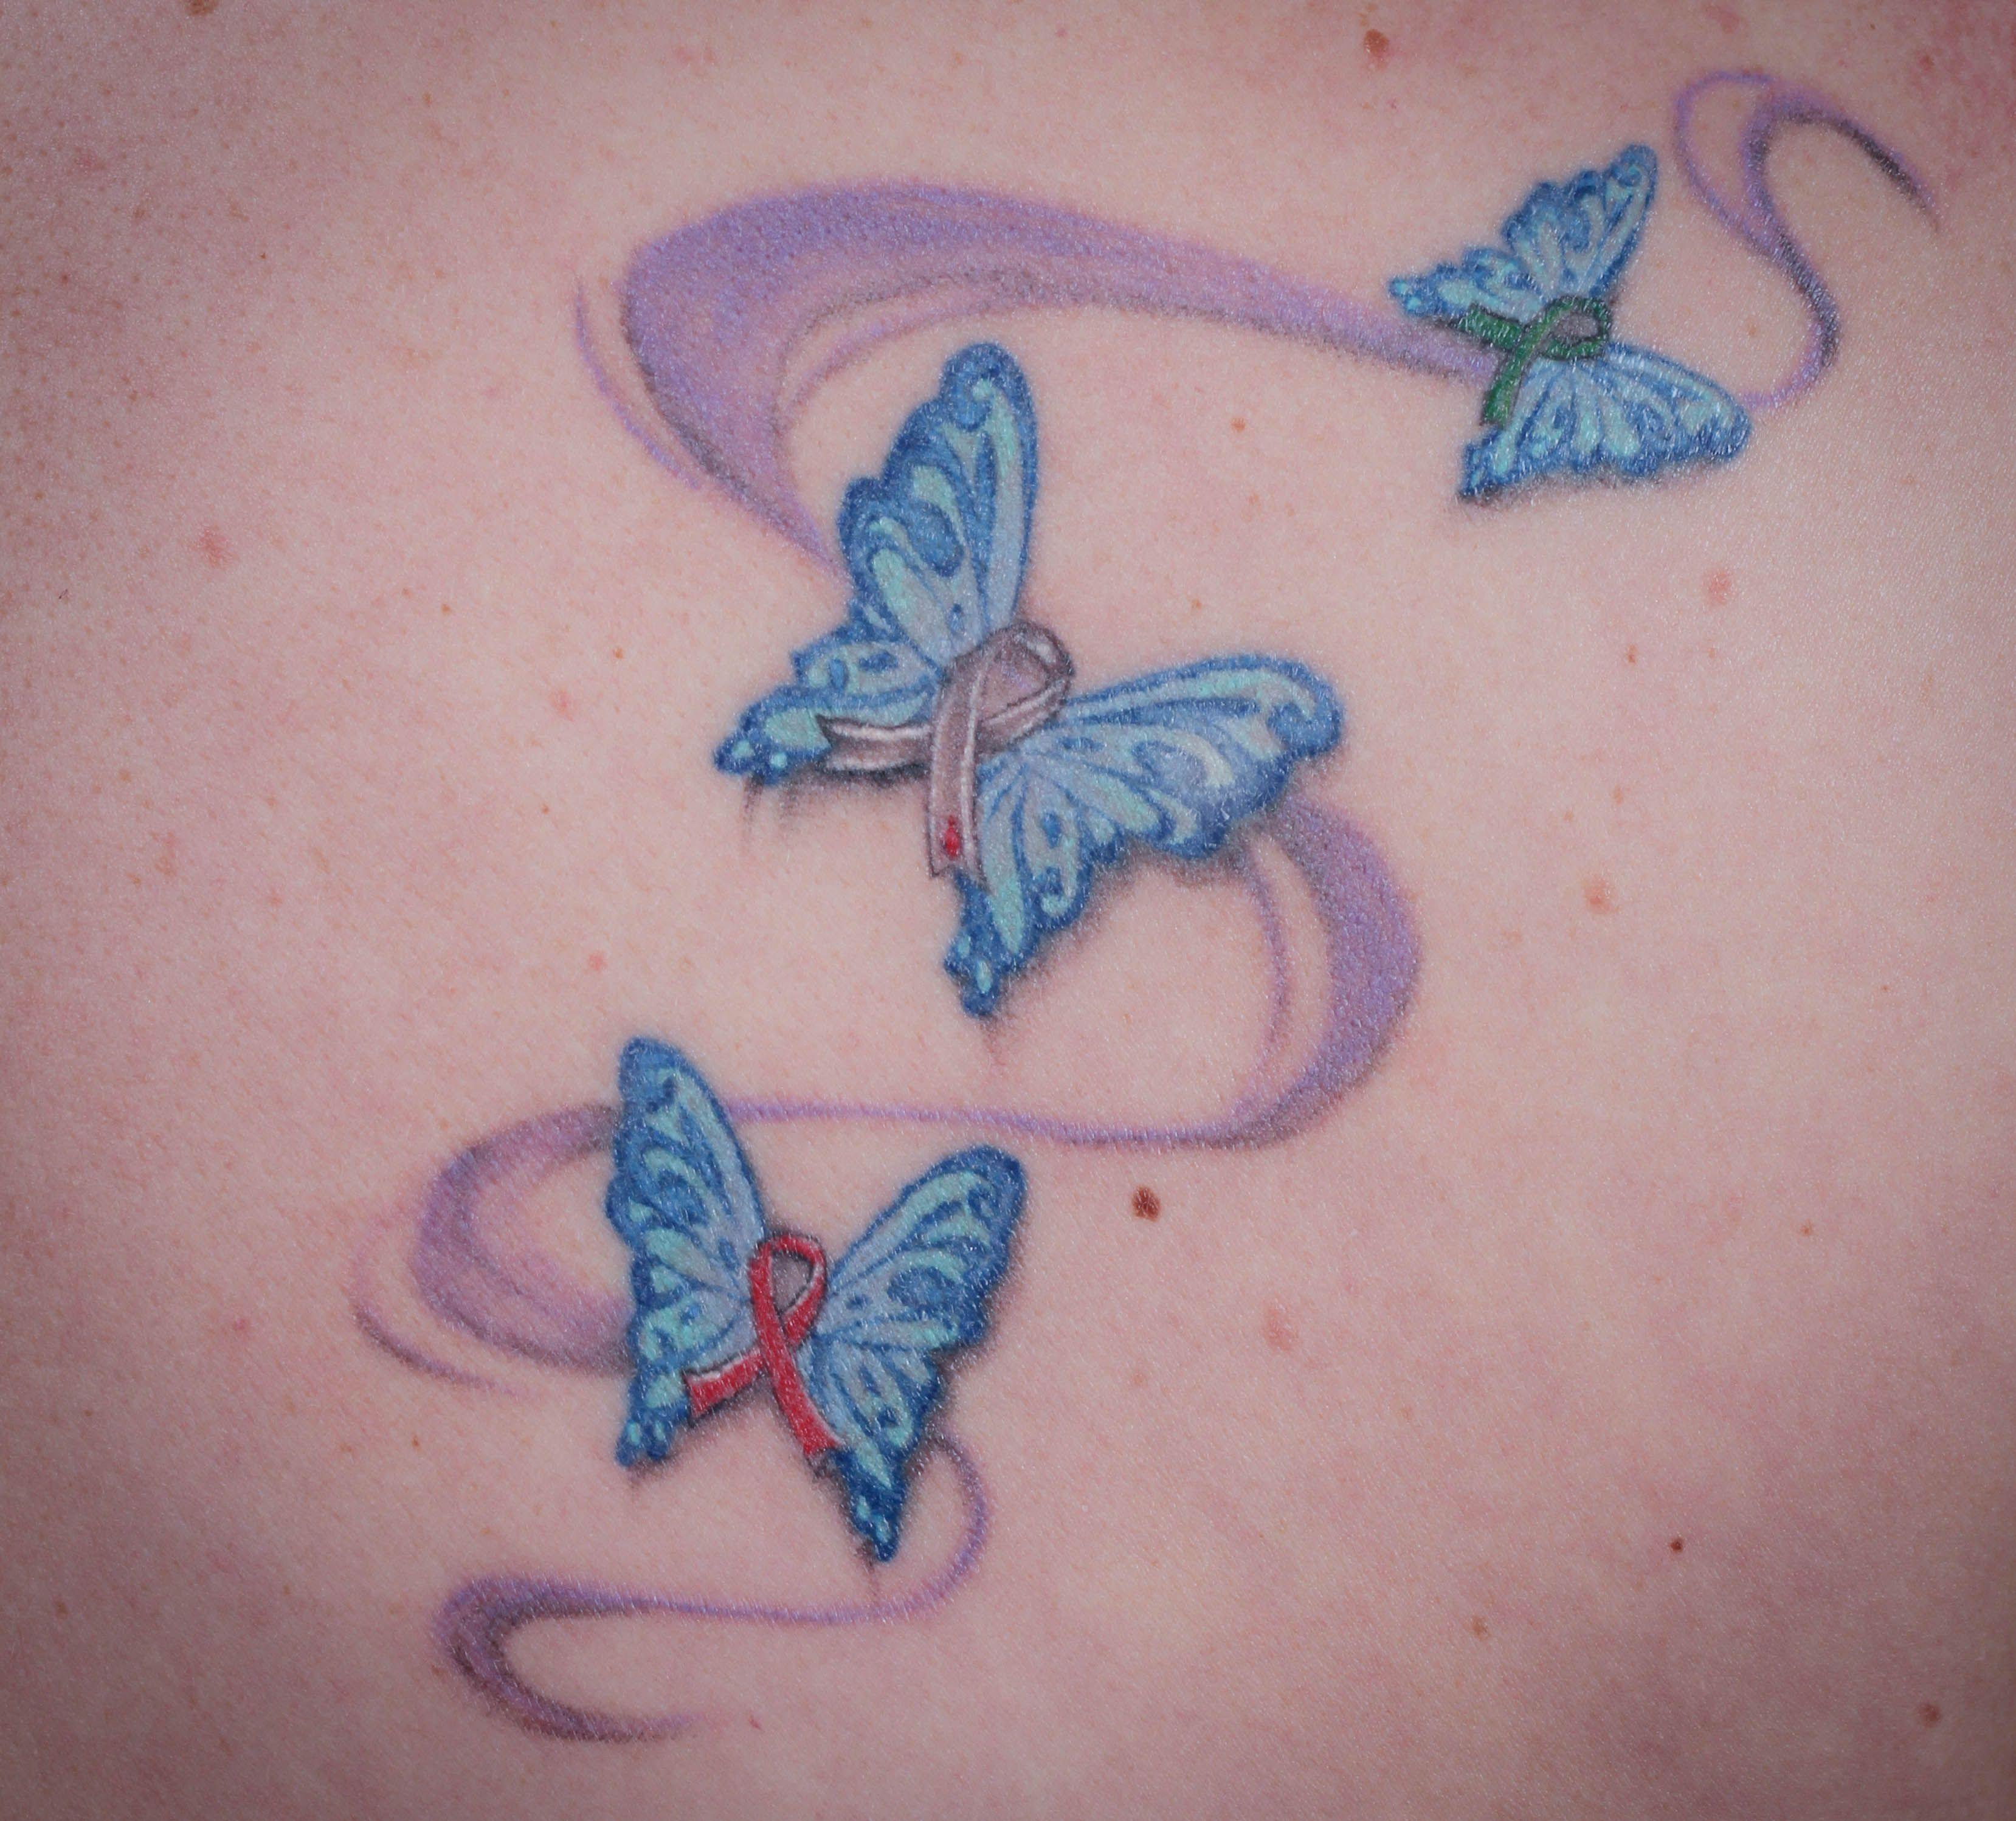 Awareness Ribbon Butterfly Tattoo Rainbow Butterfly Tattoos And Ribbons Cancer Ribbon Tattoos Tattoo Sites Tattoos